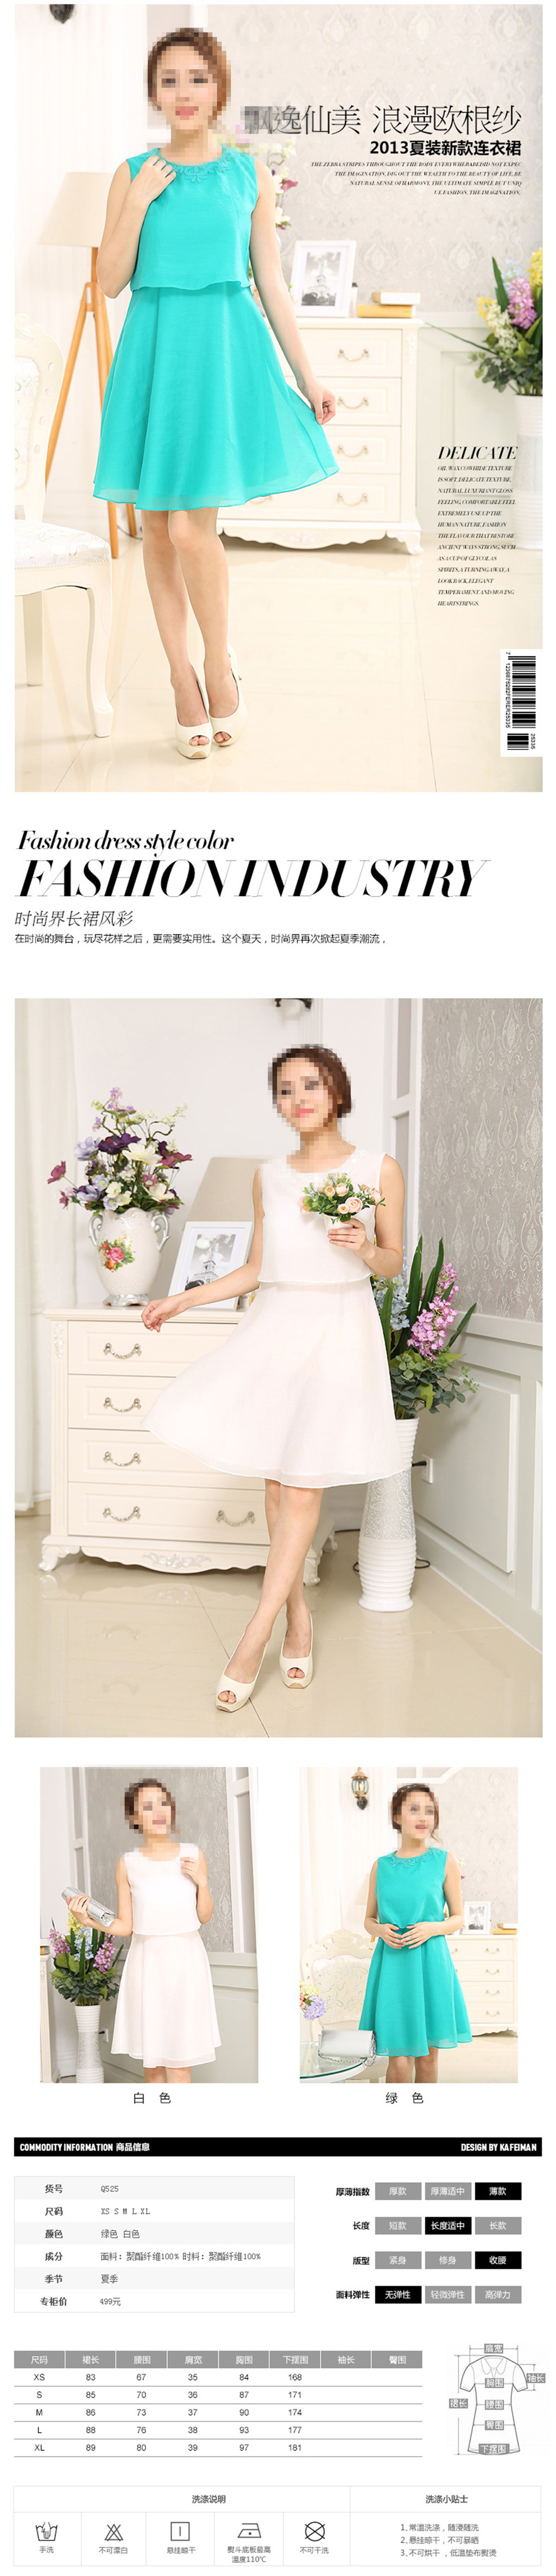 网店春夏女装尺码表格详情页模板设计